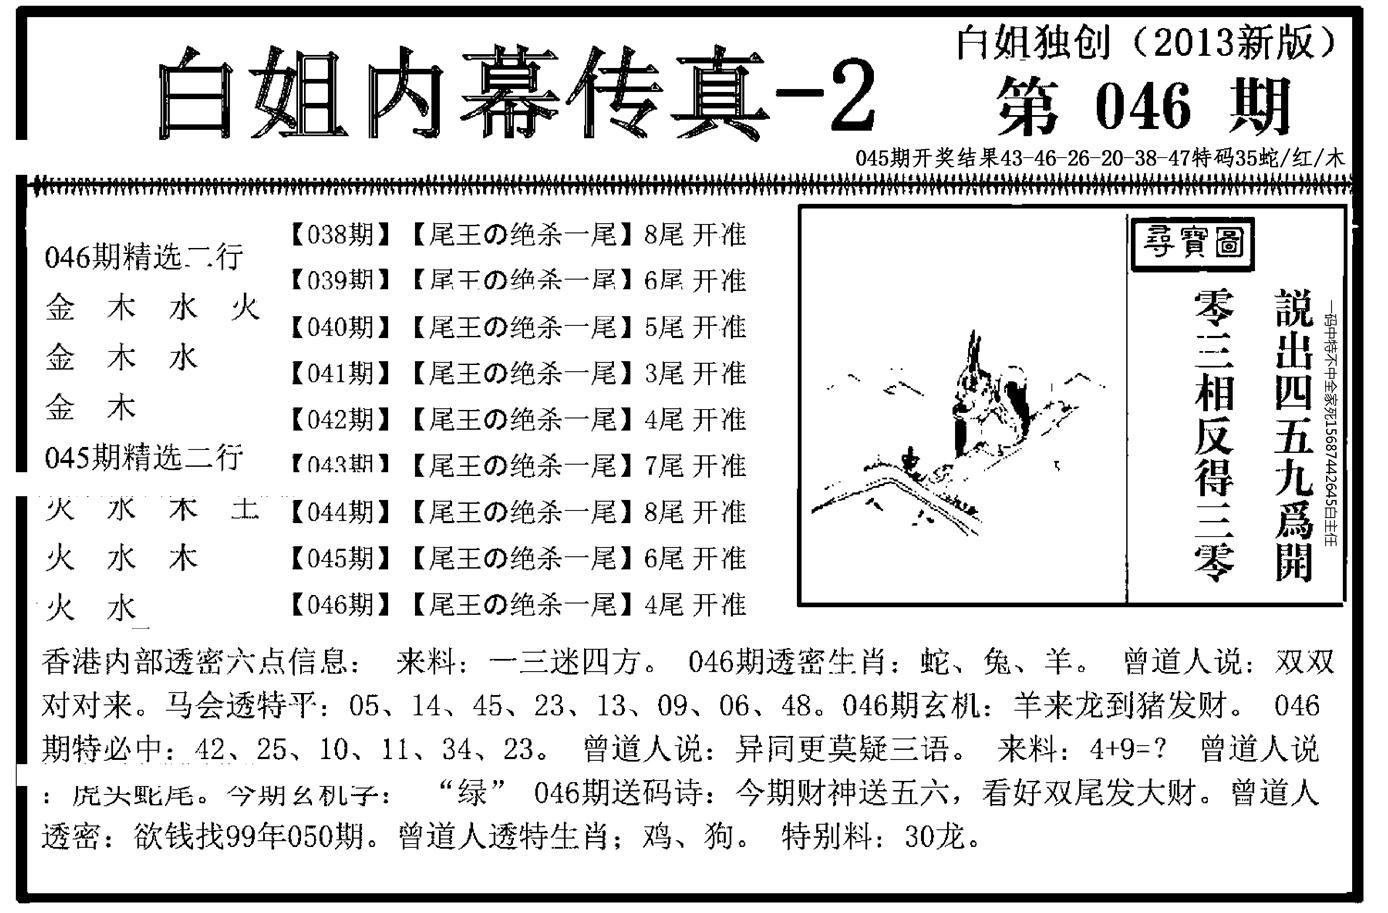 046期白姐内幕传真-2(黑白)